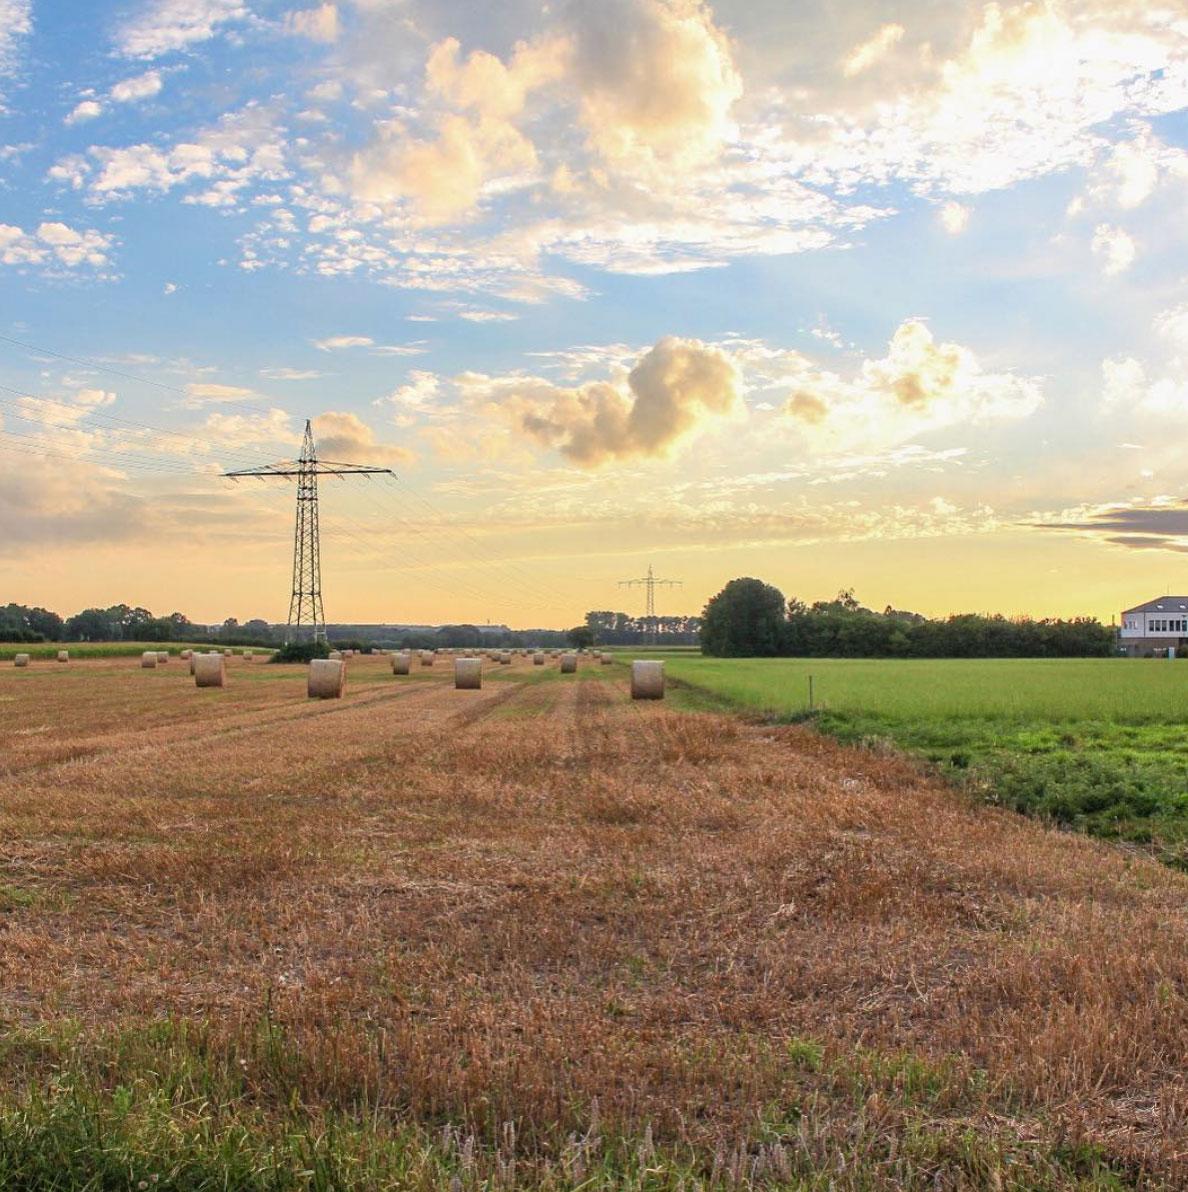 Sunset in German fields